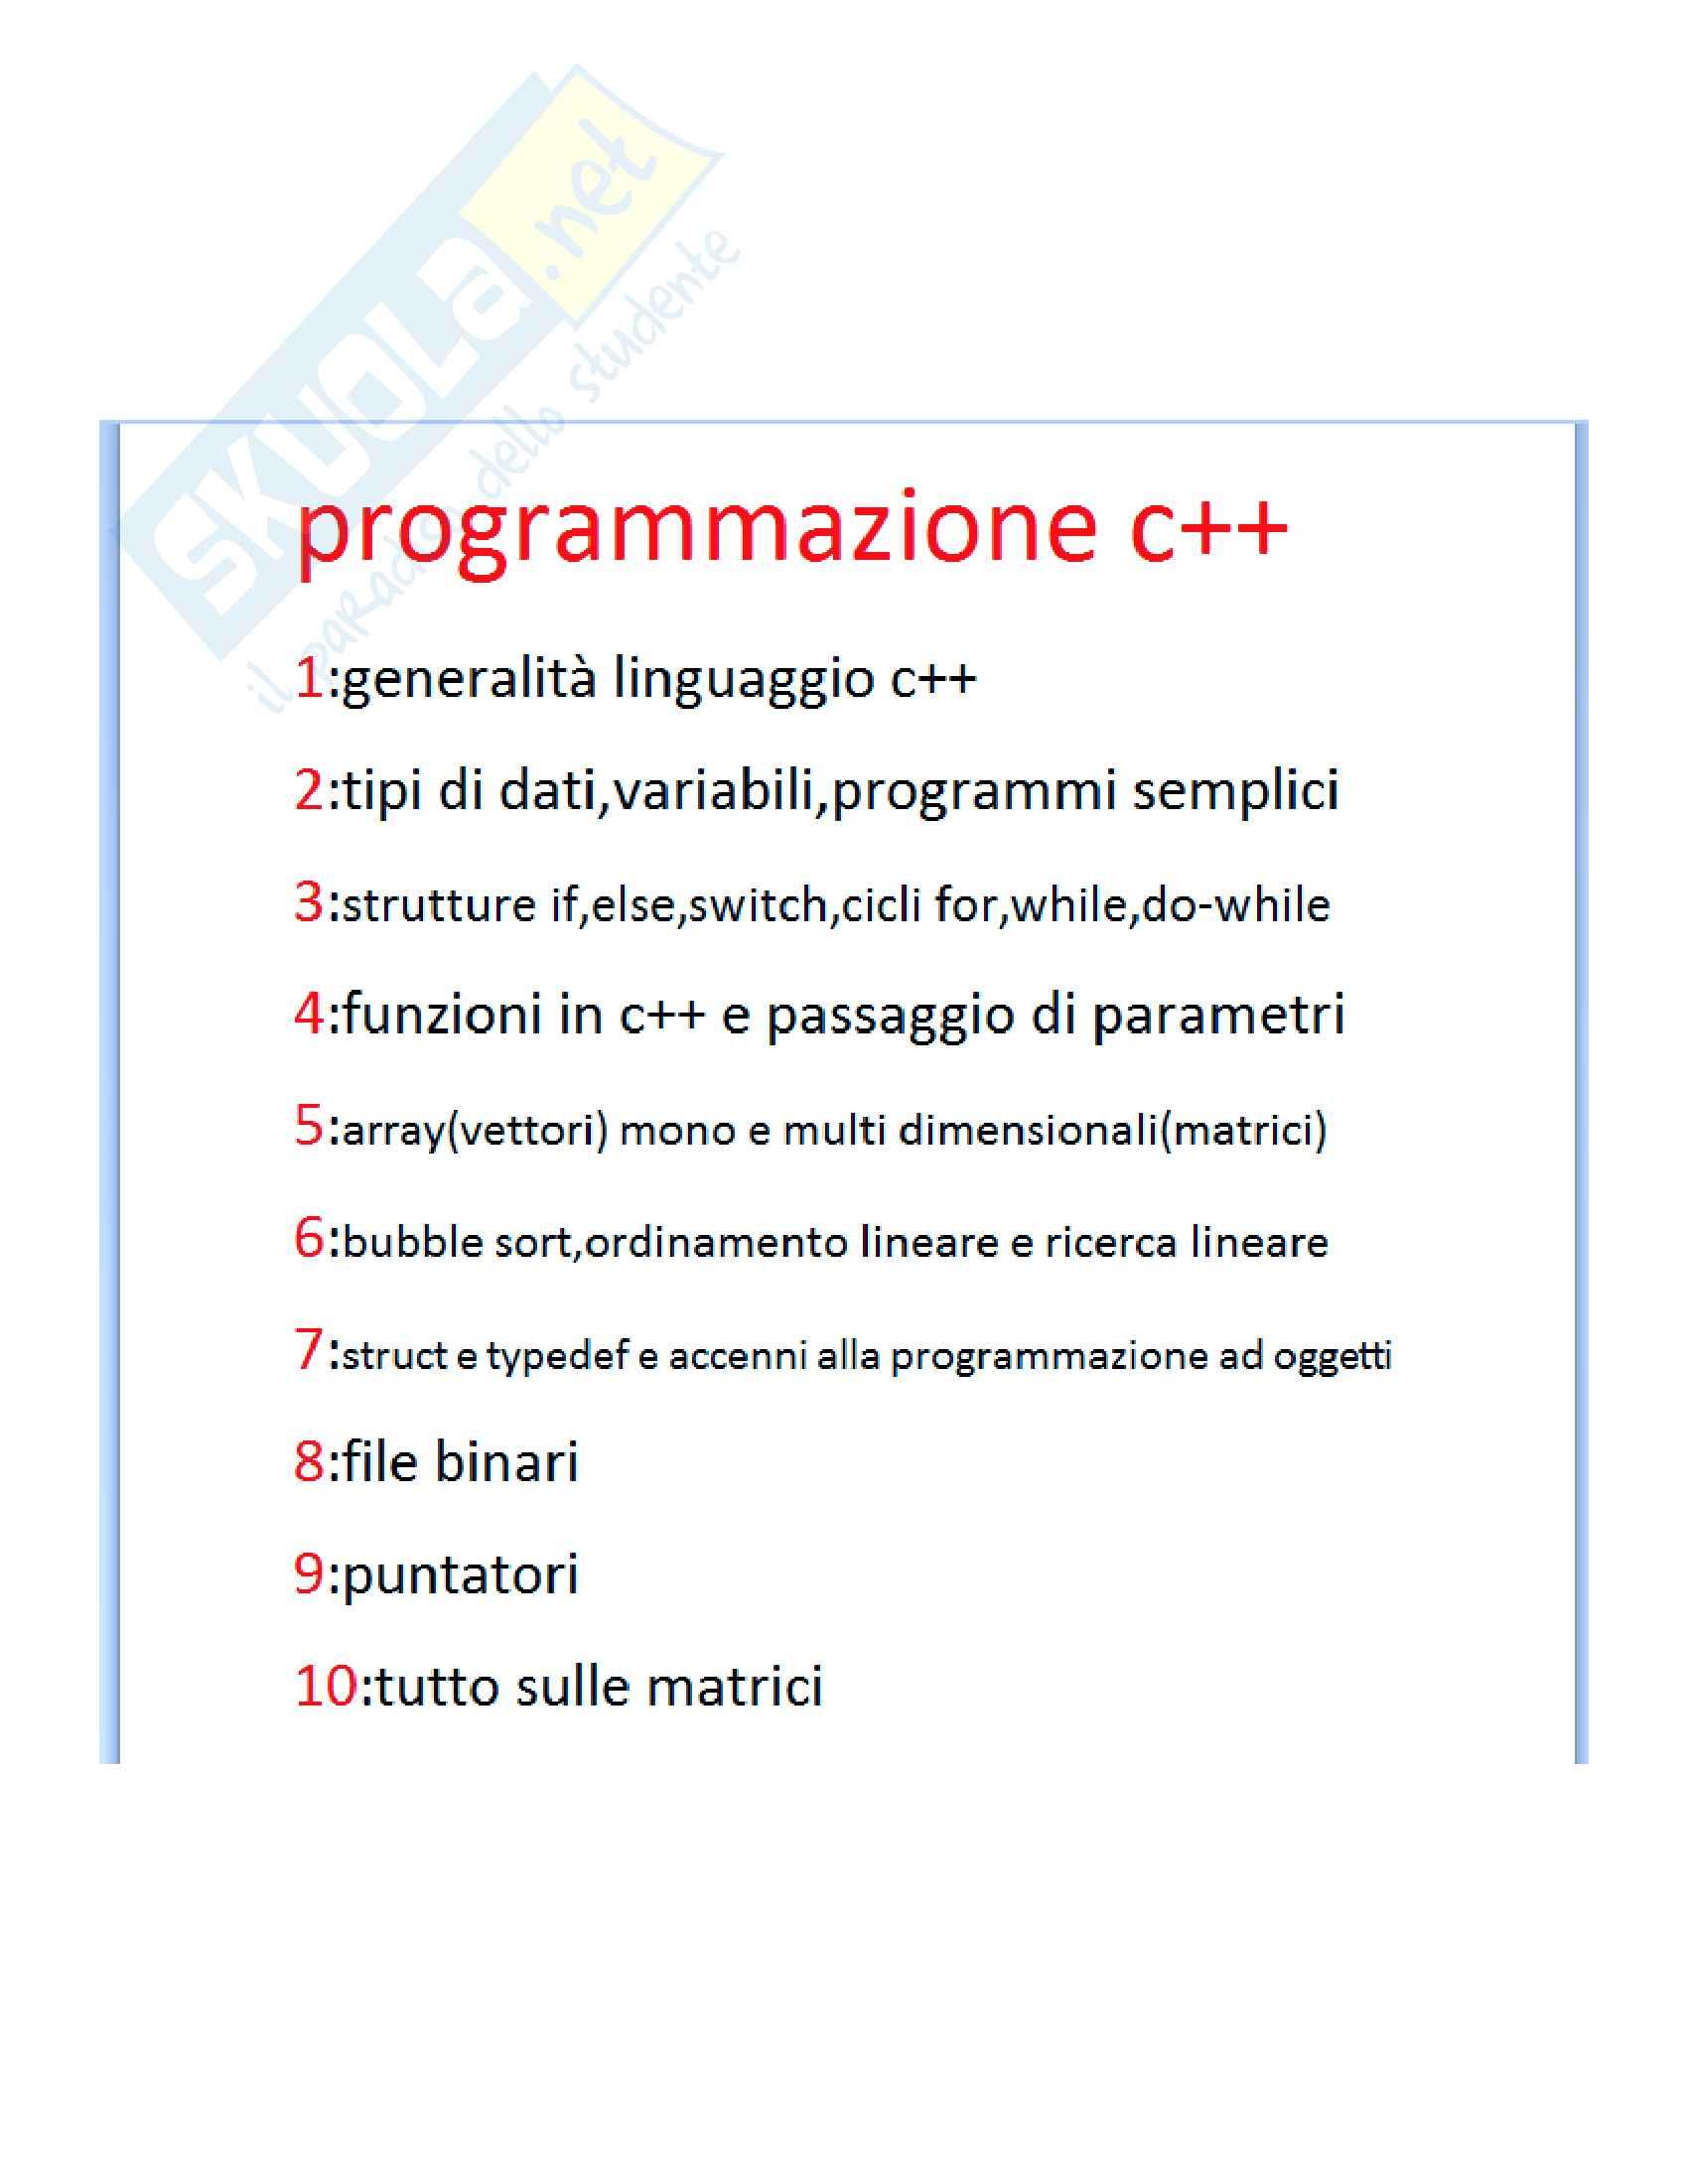 Ottimo manuale programmazione c++(contiene moltissimi programmi svolti che compilano)